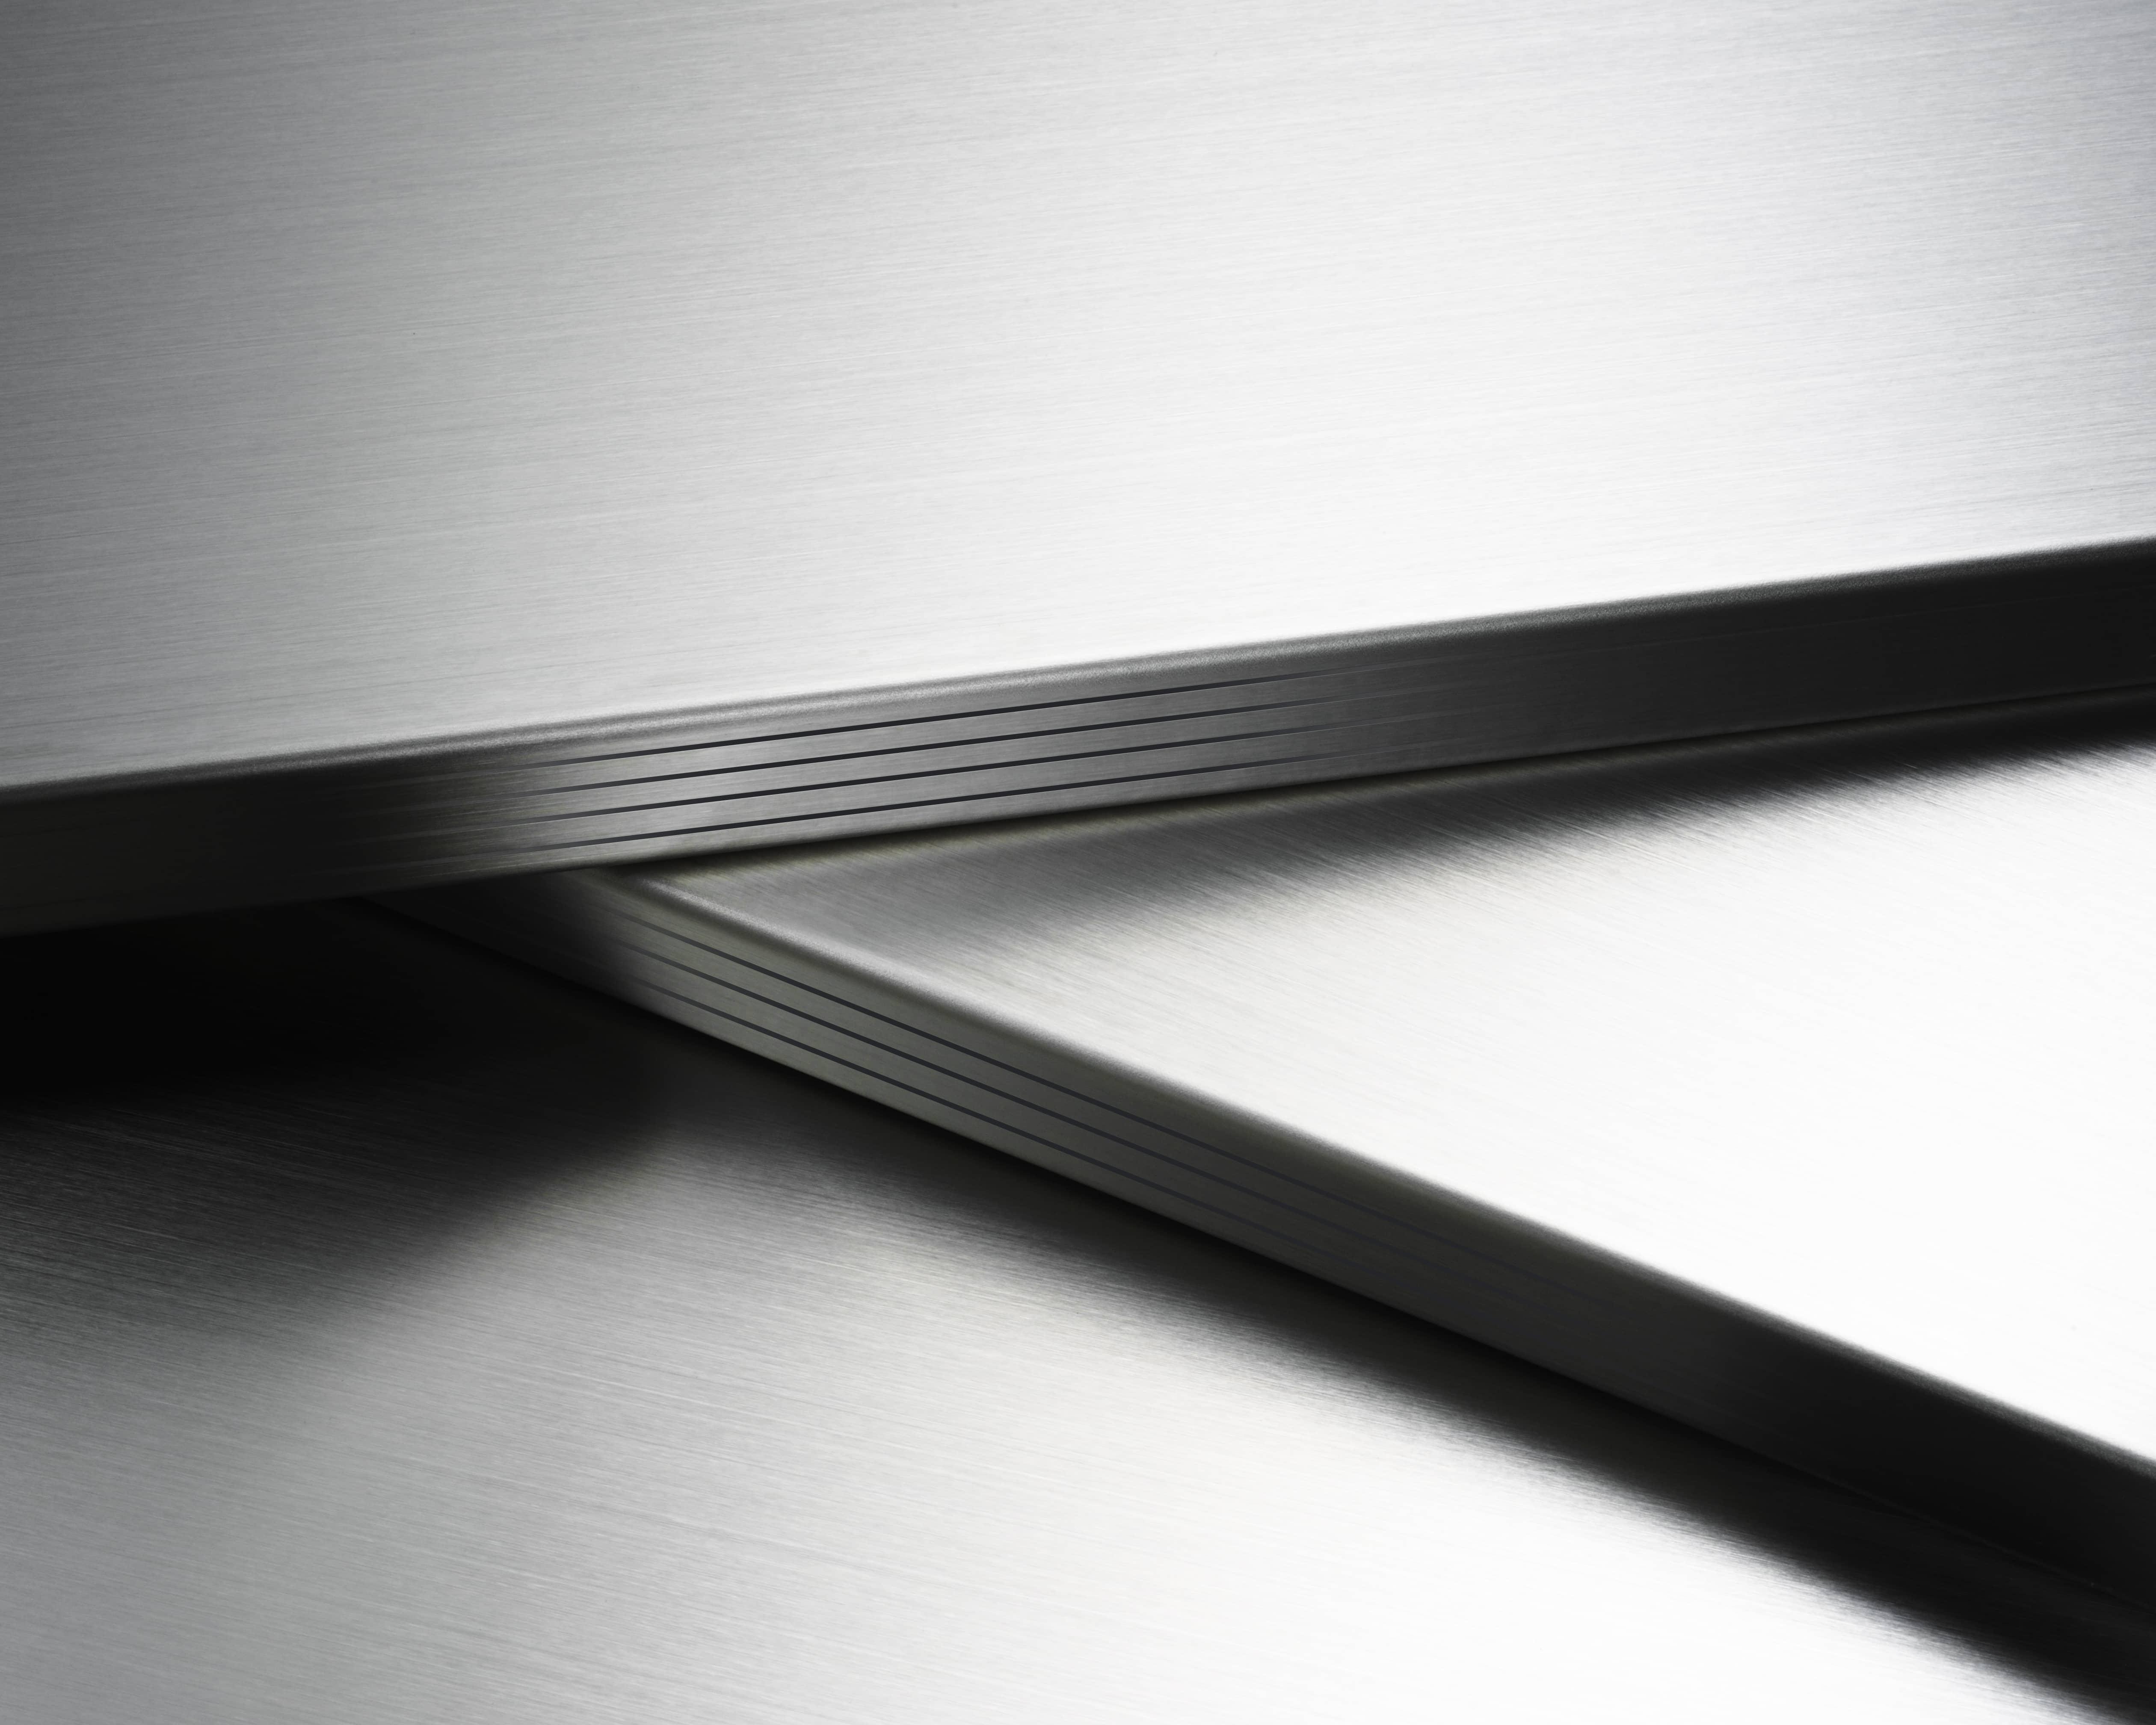 Stainless steel sheet metal plate